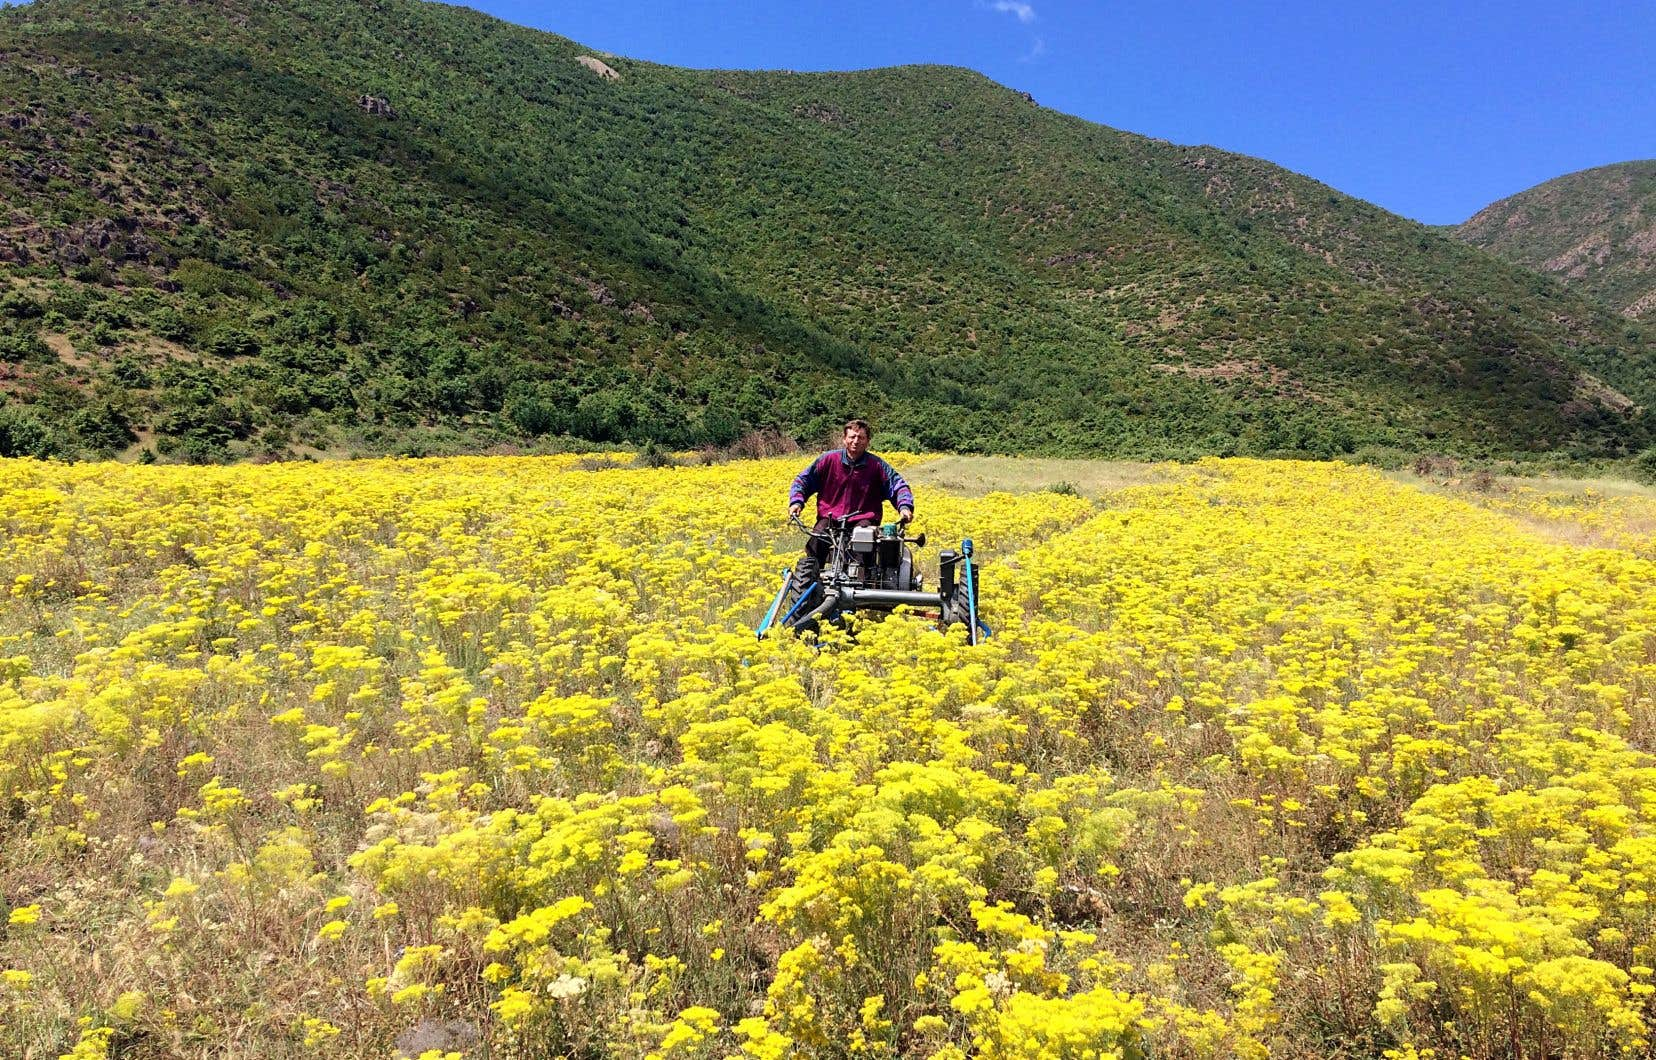 Voici une parcelle de démonstration d'agromine — l'extraction de minerais du sol à l'aide de plantes — d'«Alyssum murale», une plante hyperaccumulatrice de nickel, à Pojska, en Albanie.